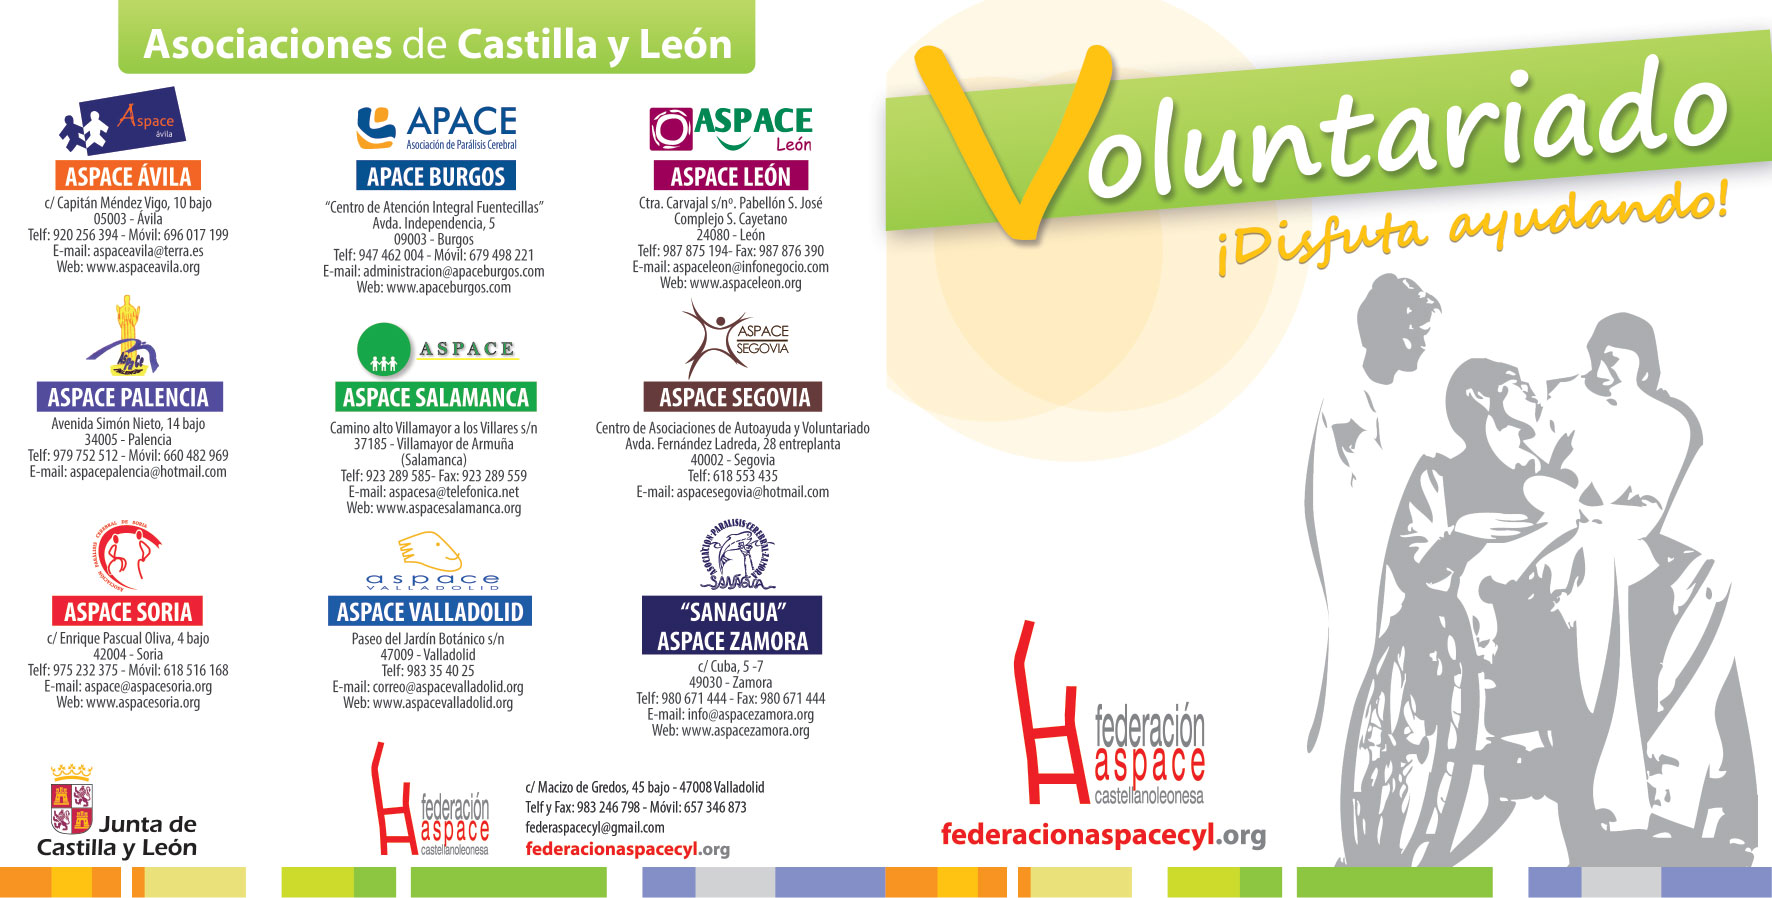 Encuentro de Voluntariado 2009 (Segovia)